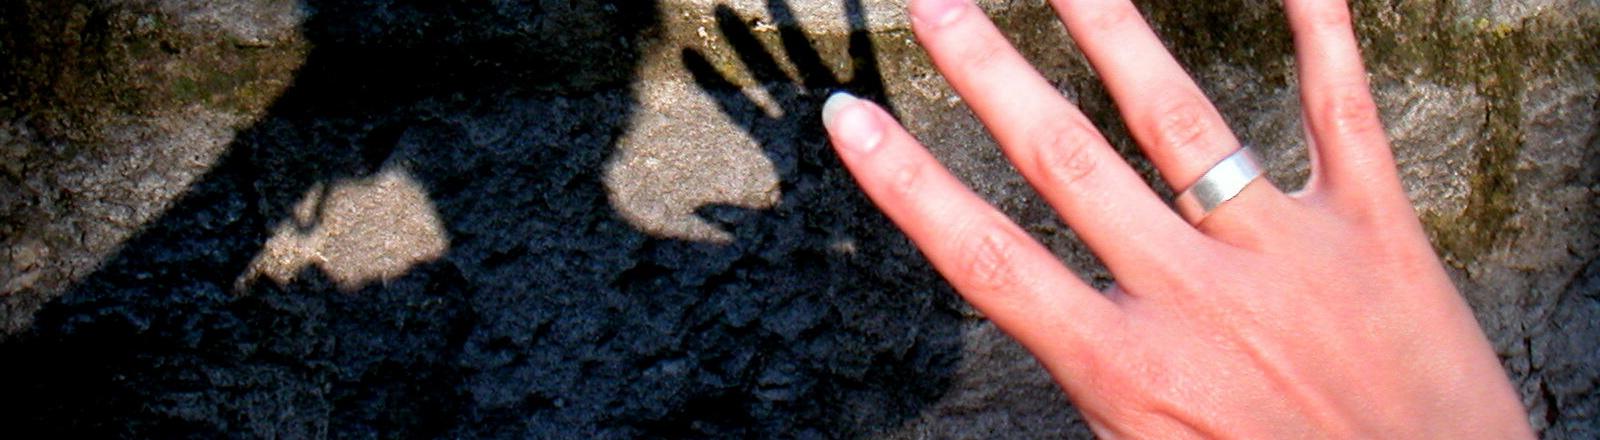 Eine Frau hält abwehrend ihre Hand hoch und wirft einen Schatten auf eine Mauer.